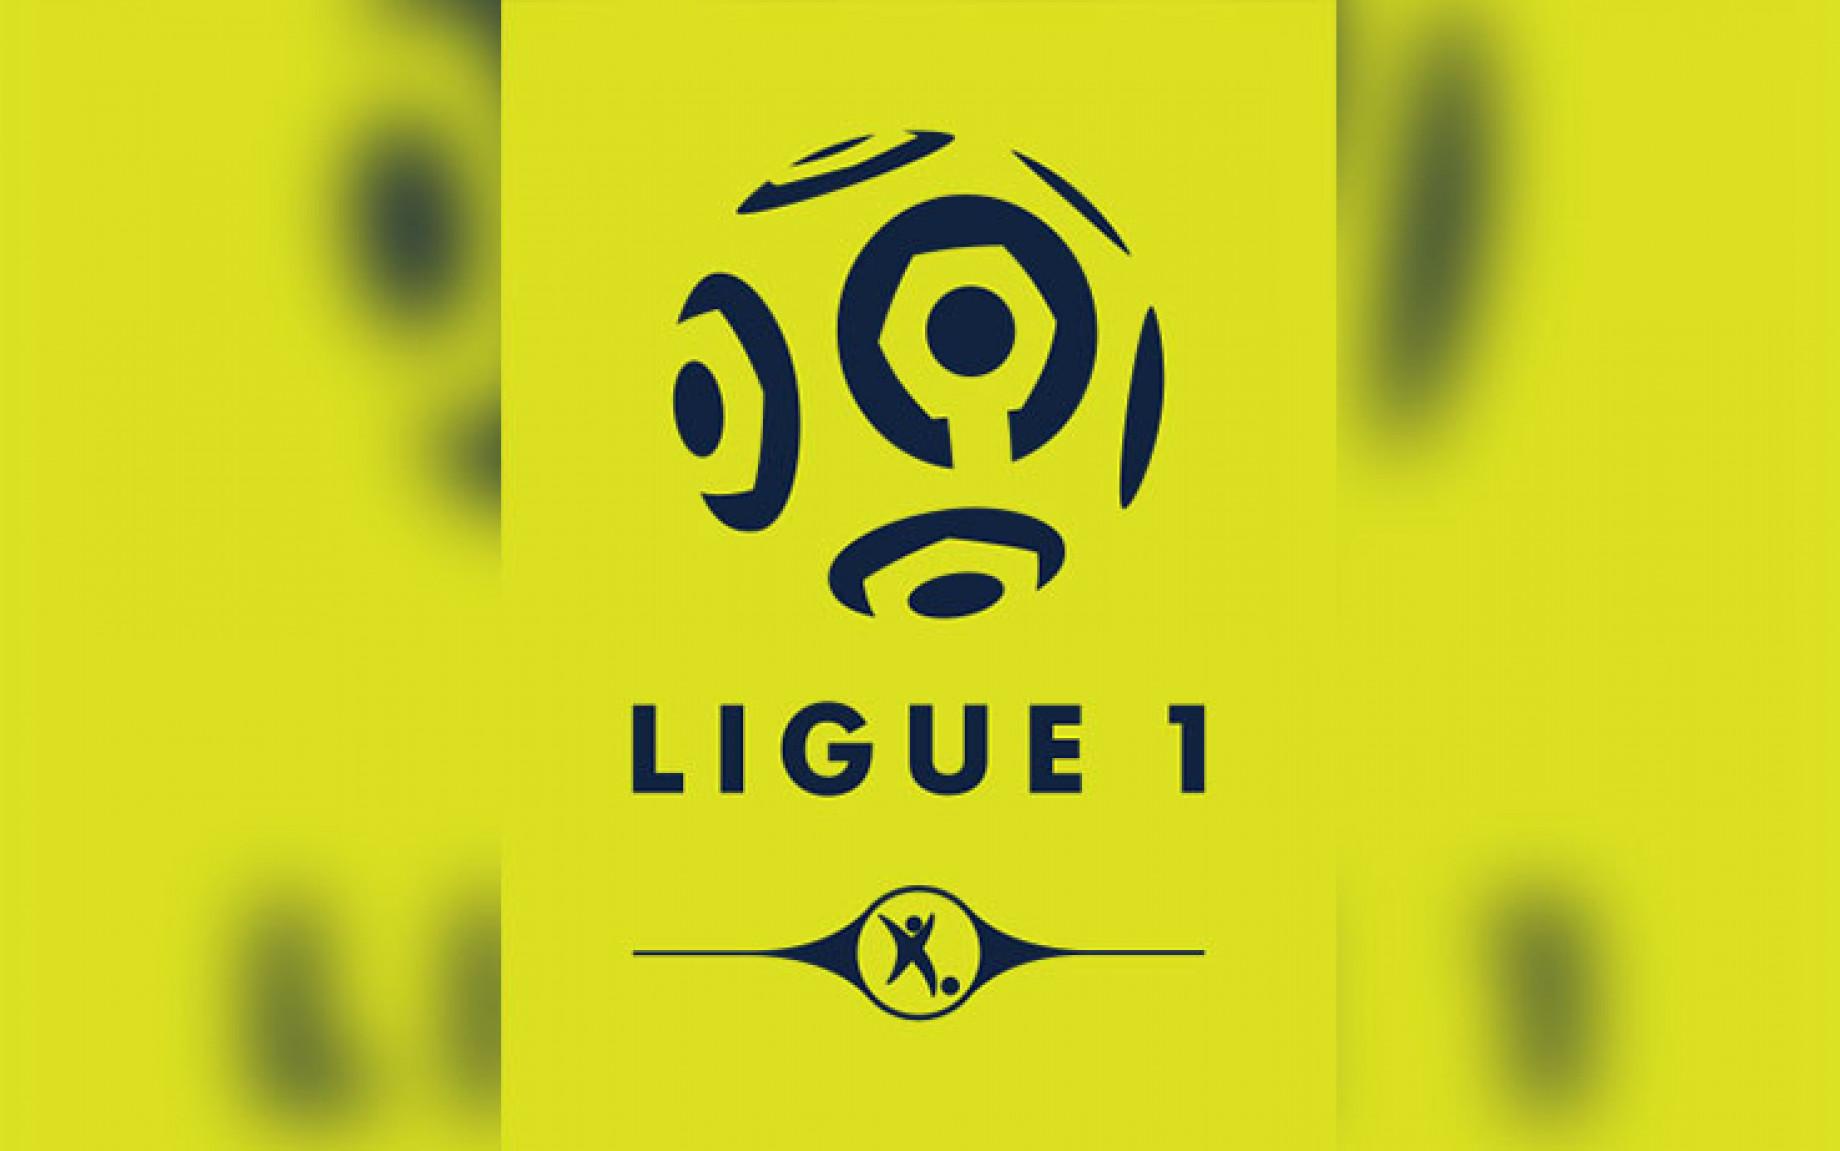 Gianluca Di Marzio :: Ligue 1, presentato il calendario per la